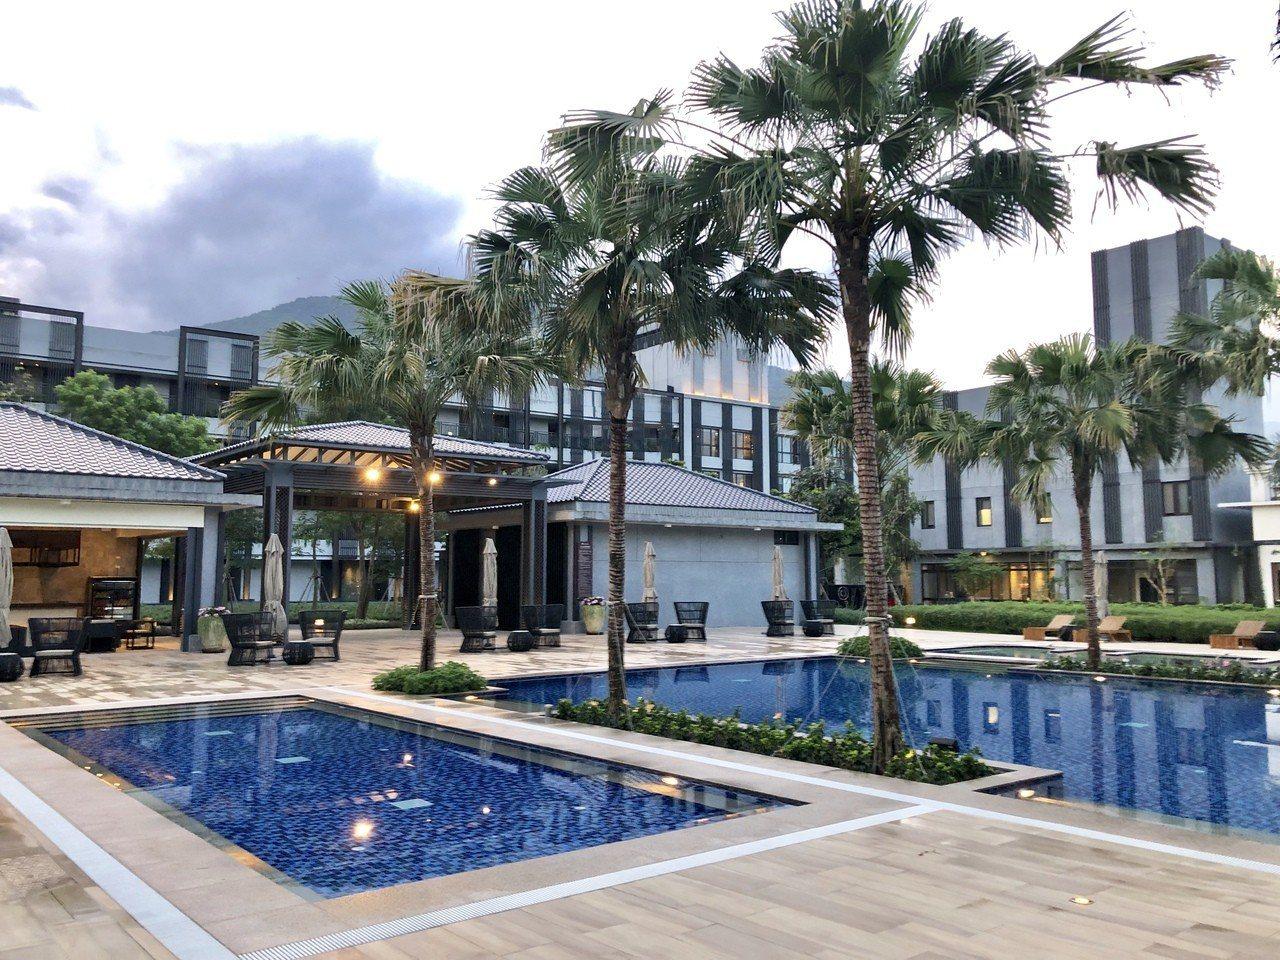 花蓮秧悅千禧度假酒店的戶外泳池區,頗有國外休閒度假的風情。記者宋健生/攝影